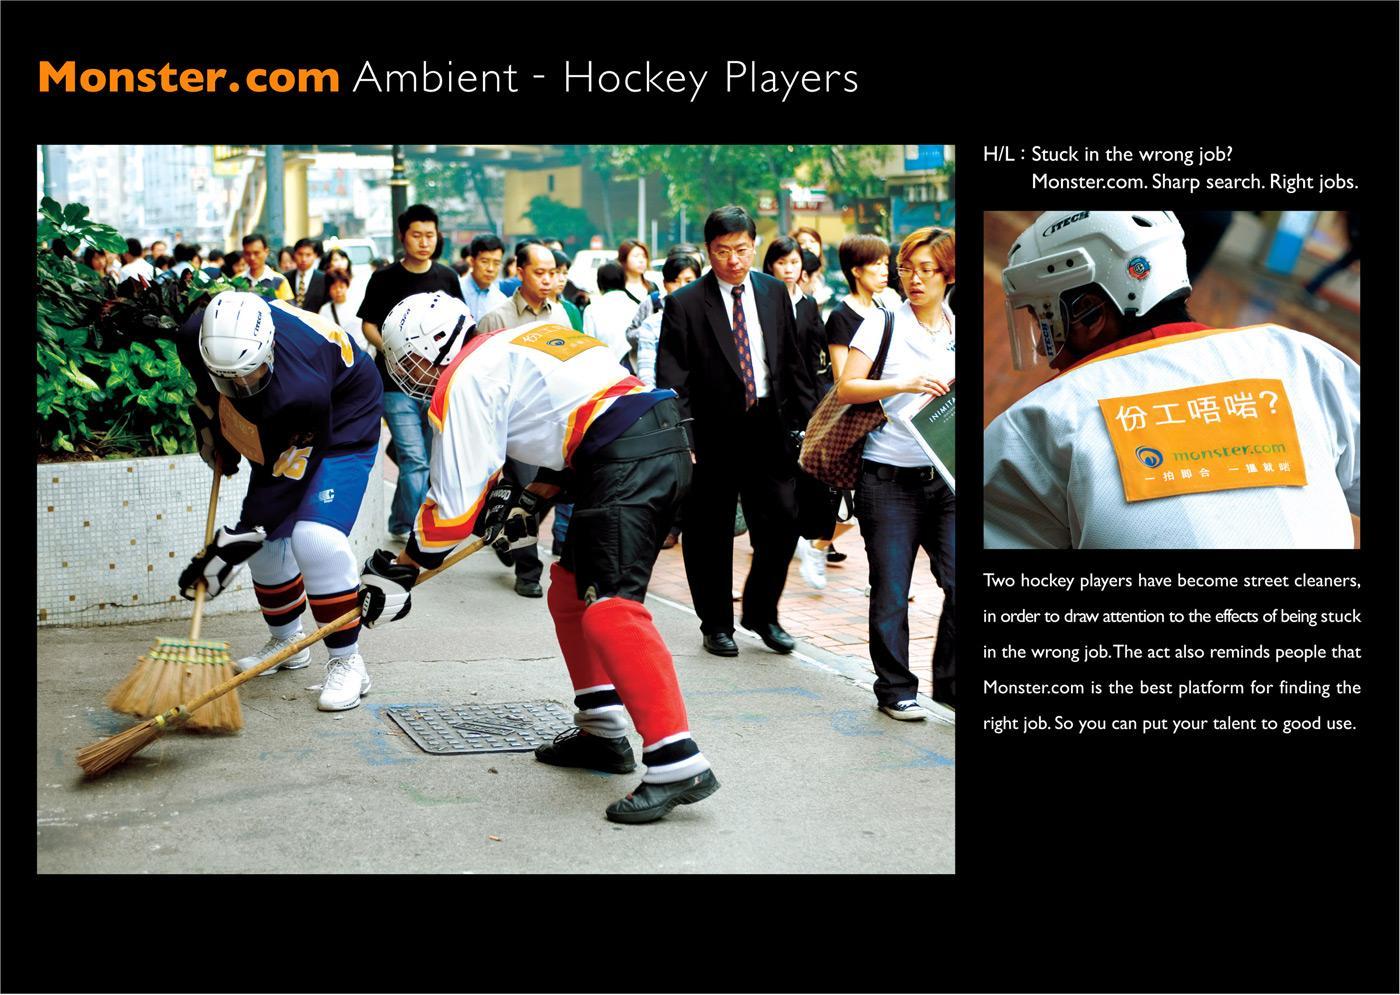 Wrong job, Hockey players